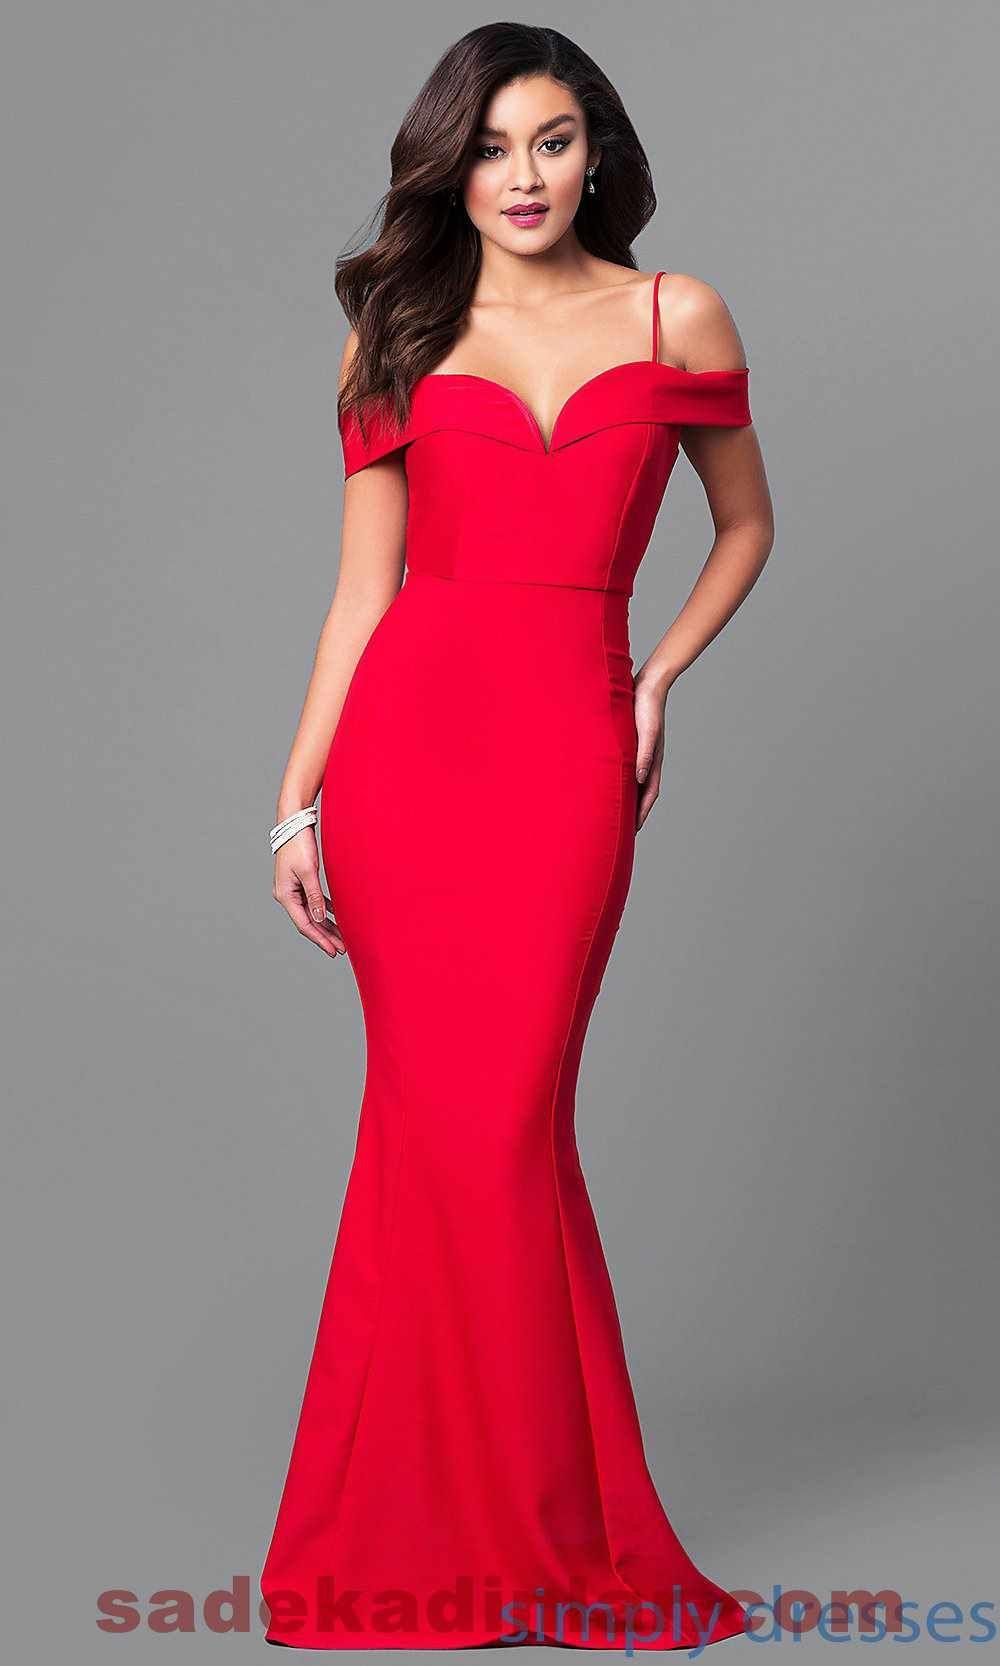 Pictures gece elbise modelleri 2013 uzun dekolteli gece elbise modeli - Gece Elbiseleri 2018 2019 Abiye Modelleri K Rm Z Uzun